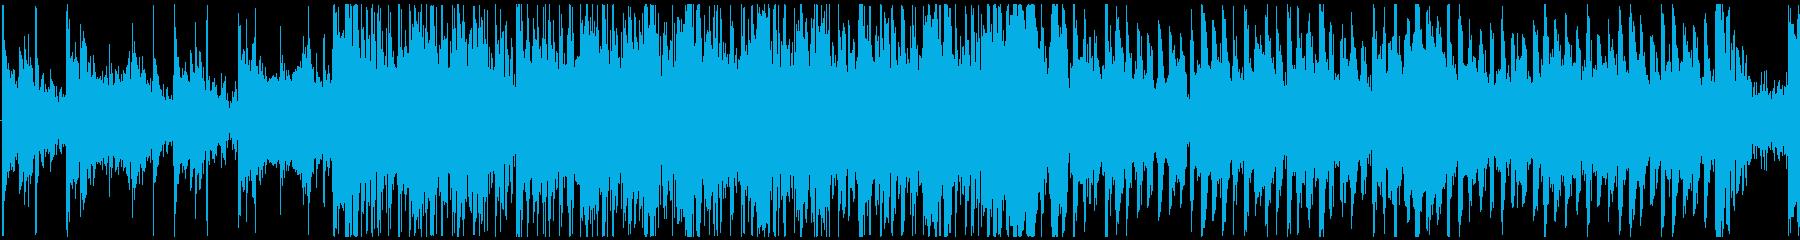 不穏な雰囲気を感じるBGM 戦闘 ループの再生済みの波形